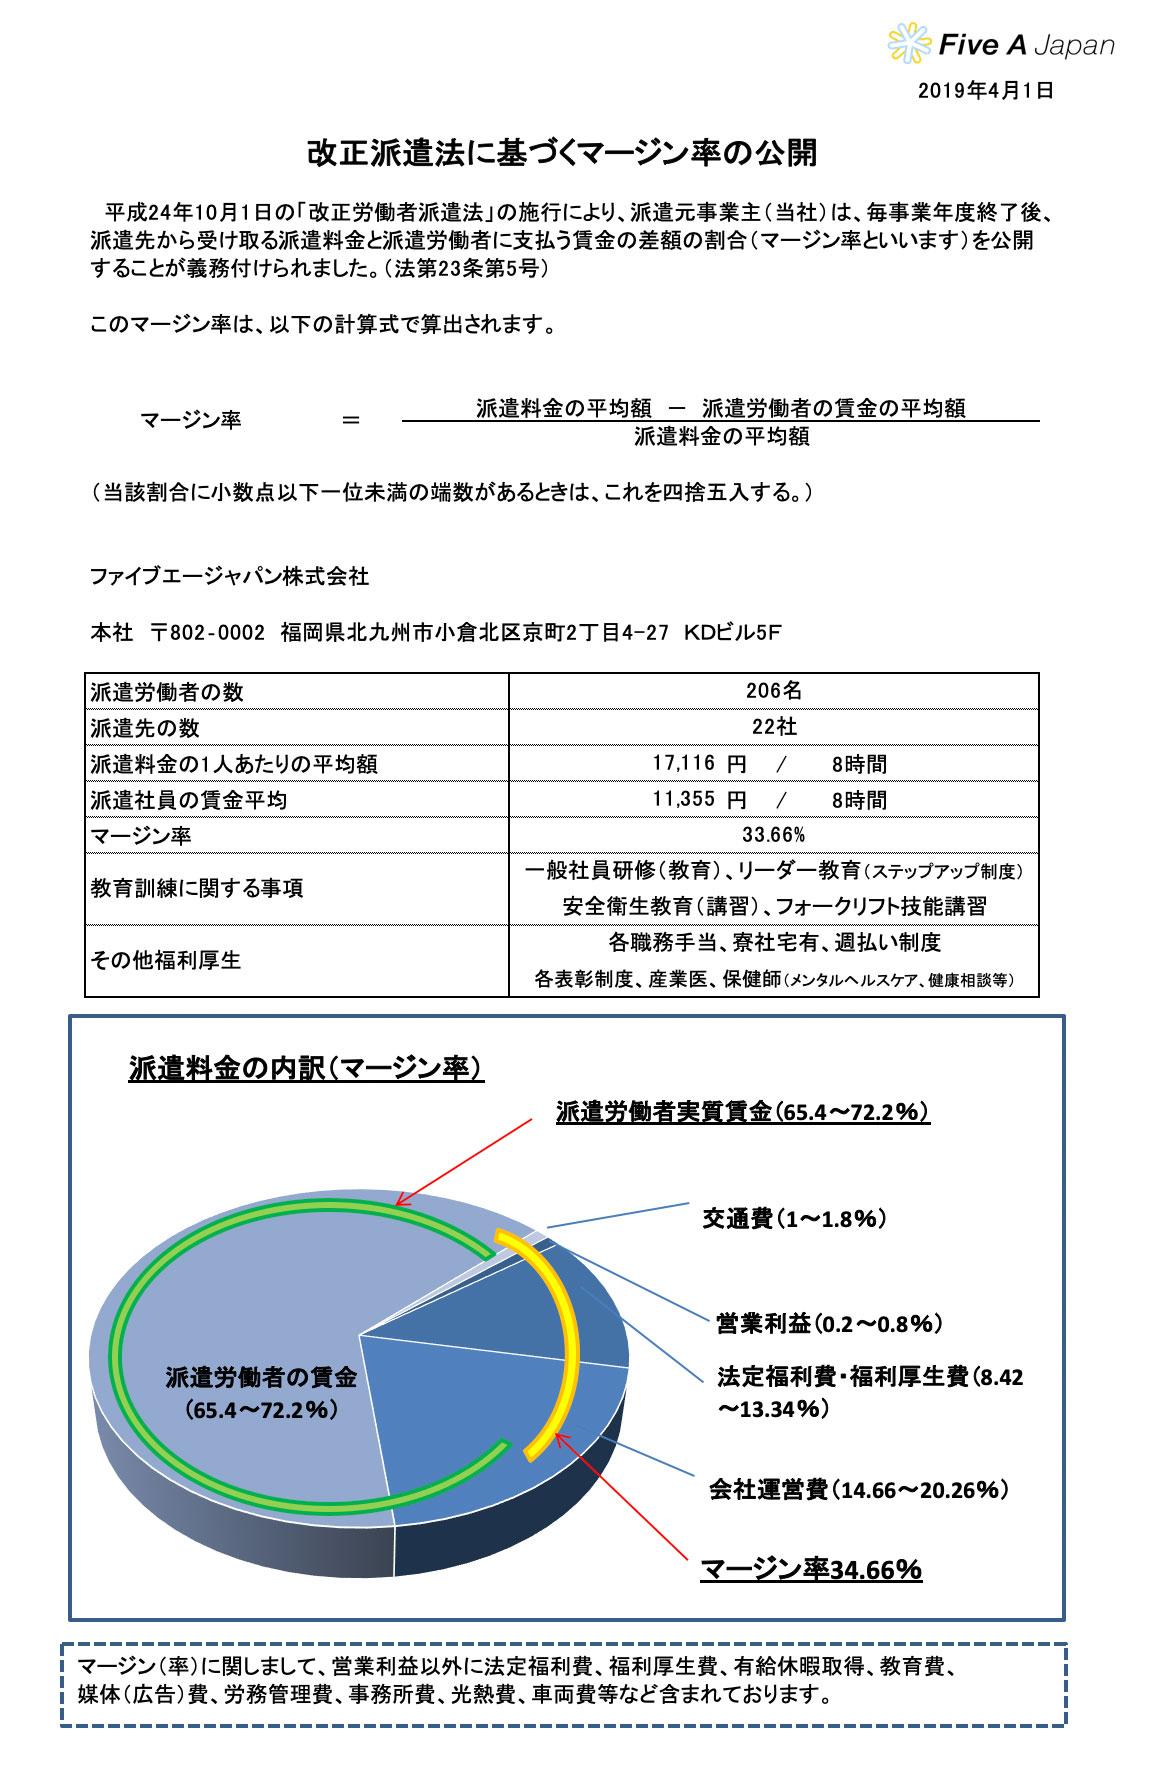 FAJ改正派遣法に基づくマージン率公開